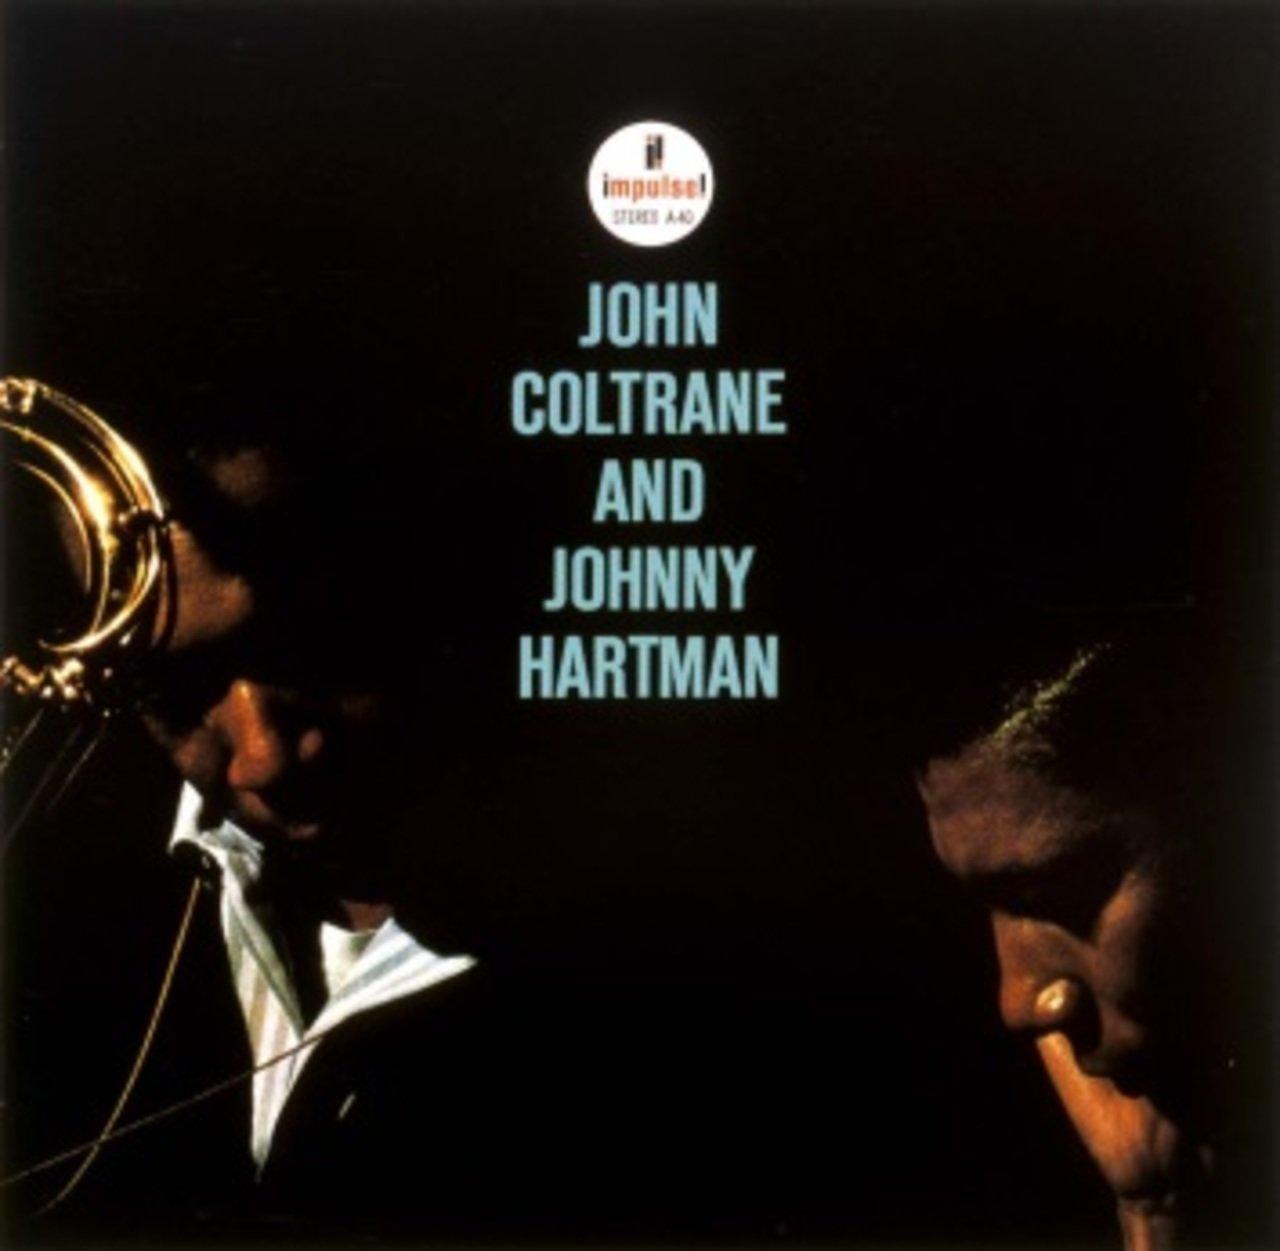 『ジョン・コルトレーン・アンド・ジョニー・ハートマン』PROZ-1108 4988031289228